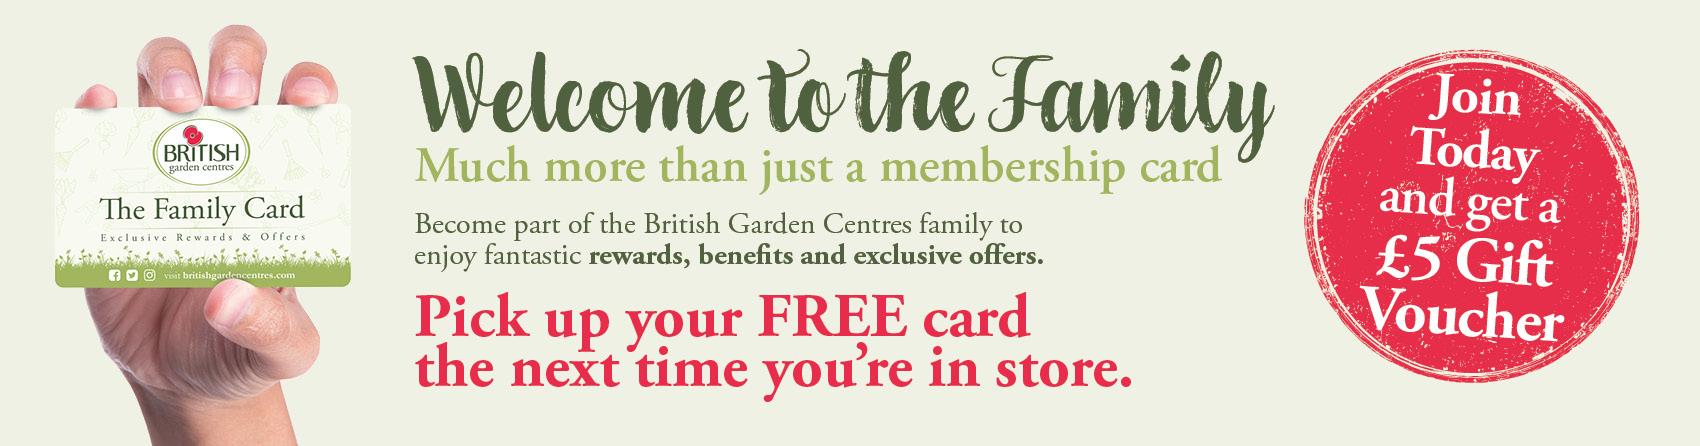 The British Garden Centres Family Card